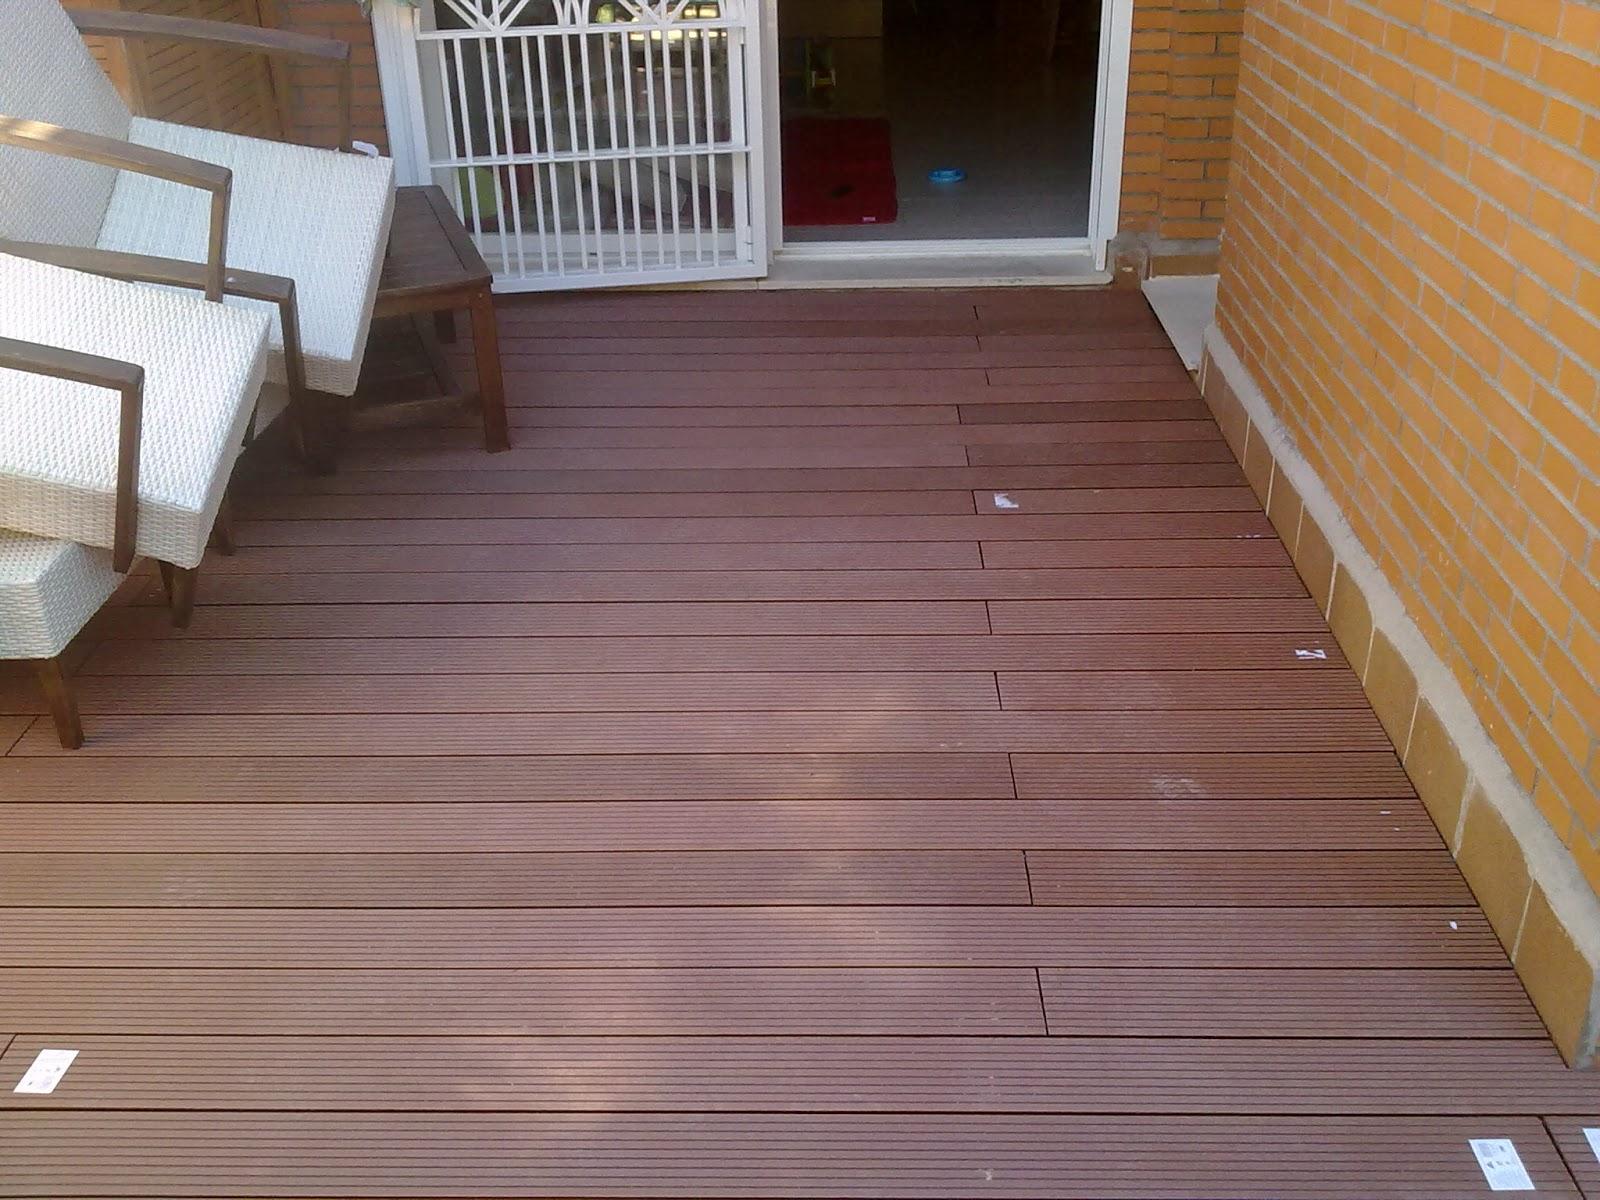 Miguel garcia carpintero suelo de composite en terraza for Suelos de ceramica para terrazas